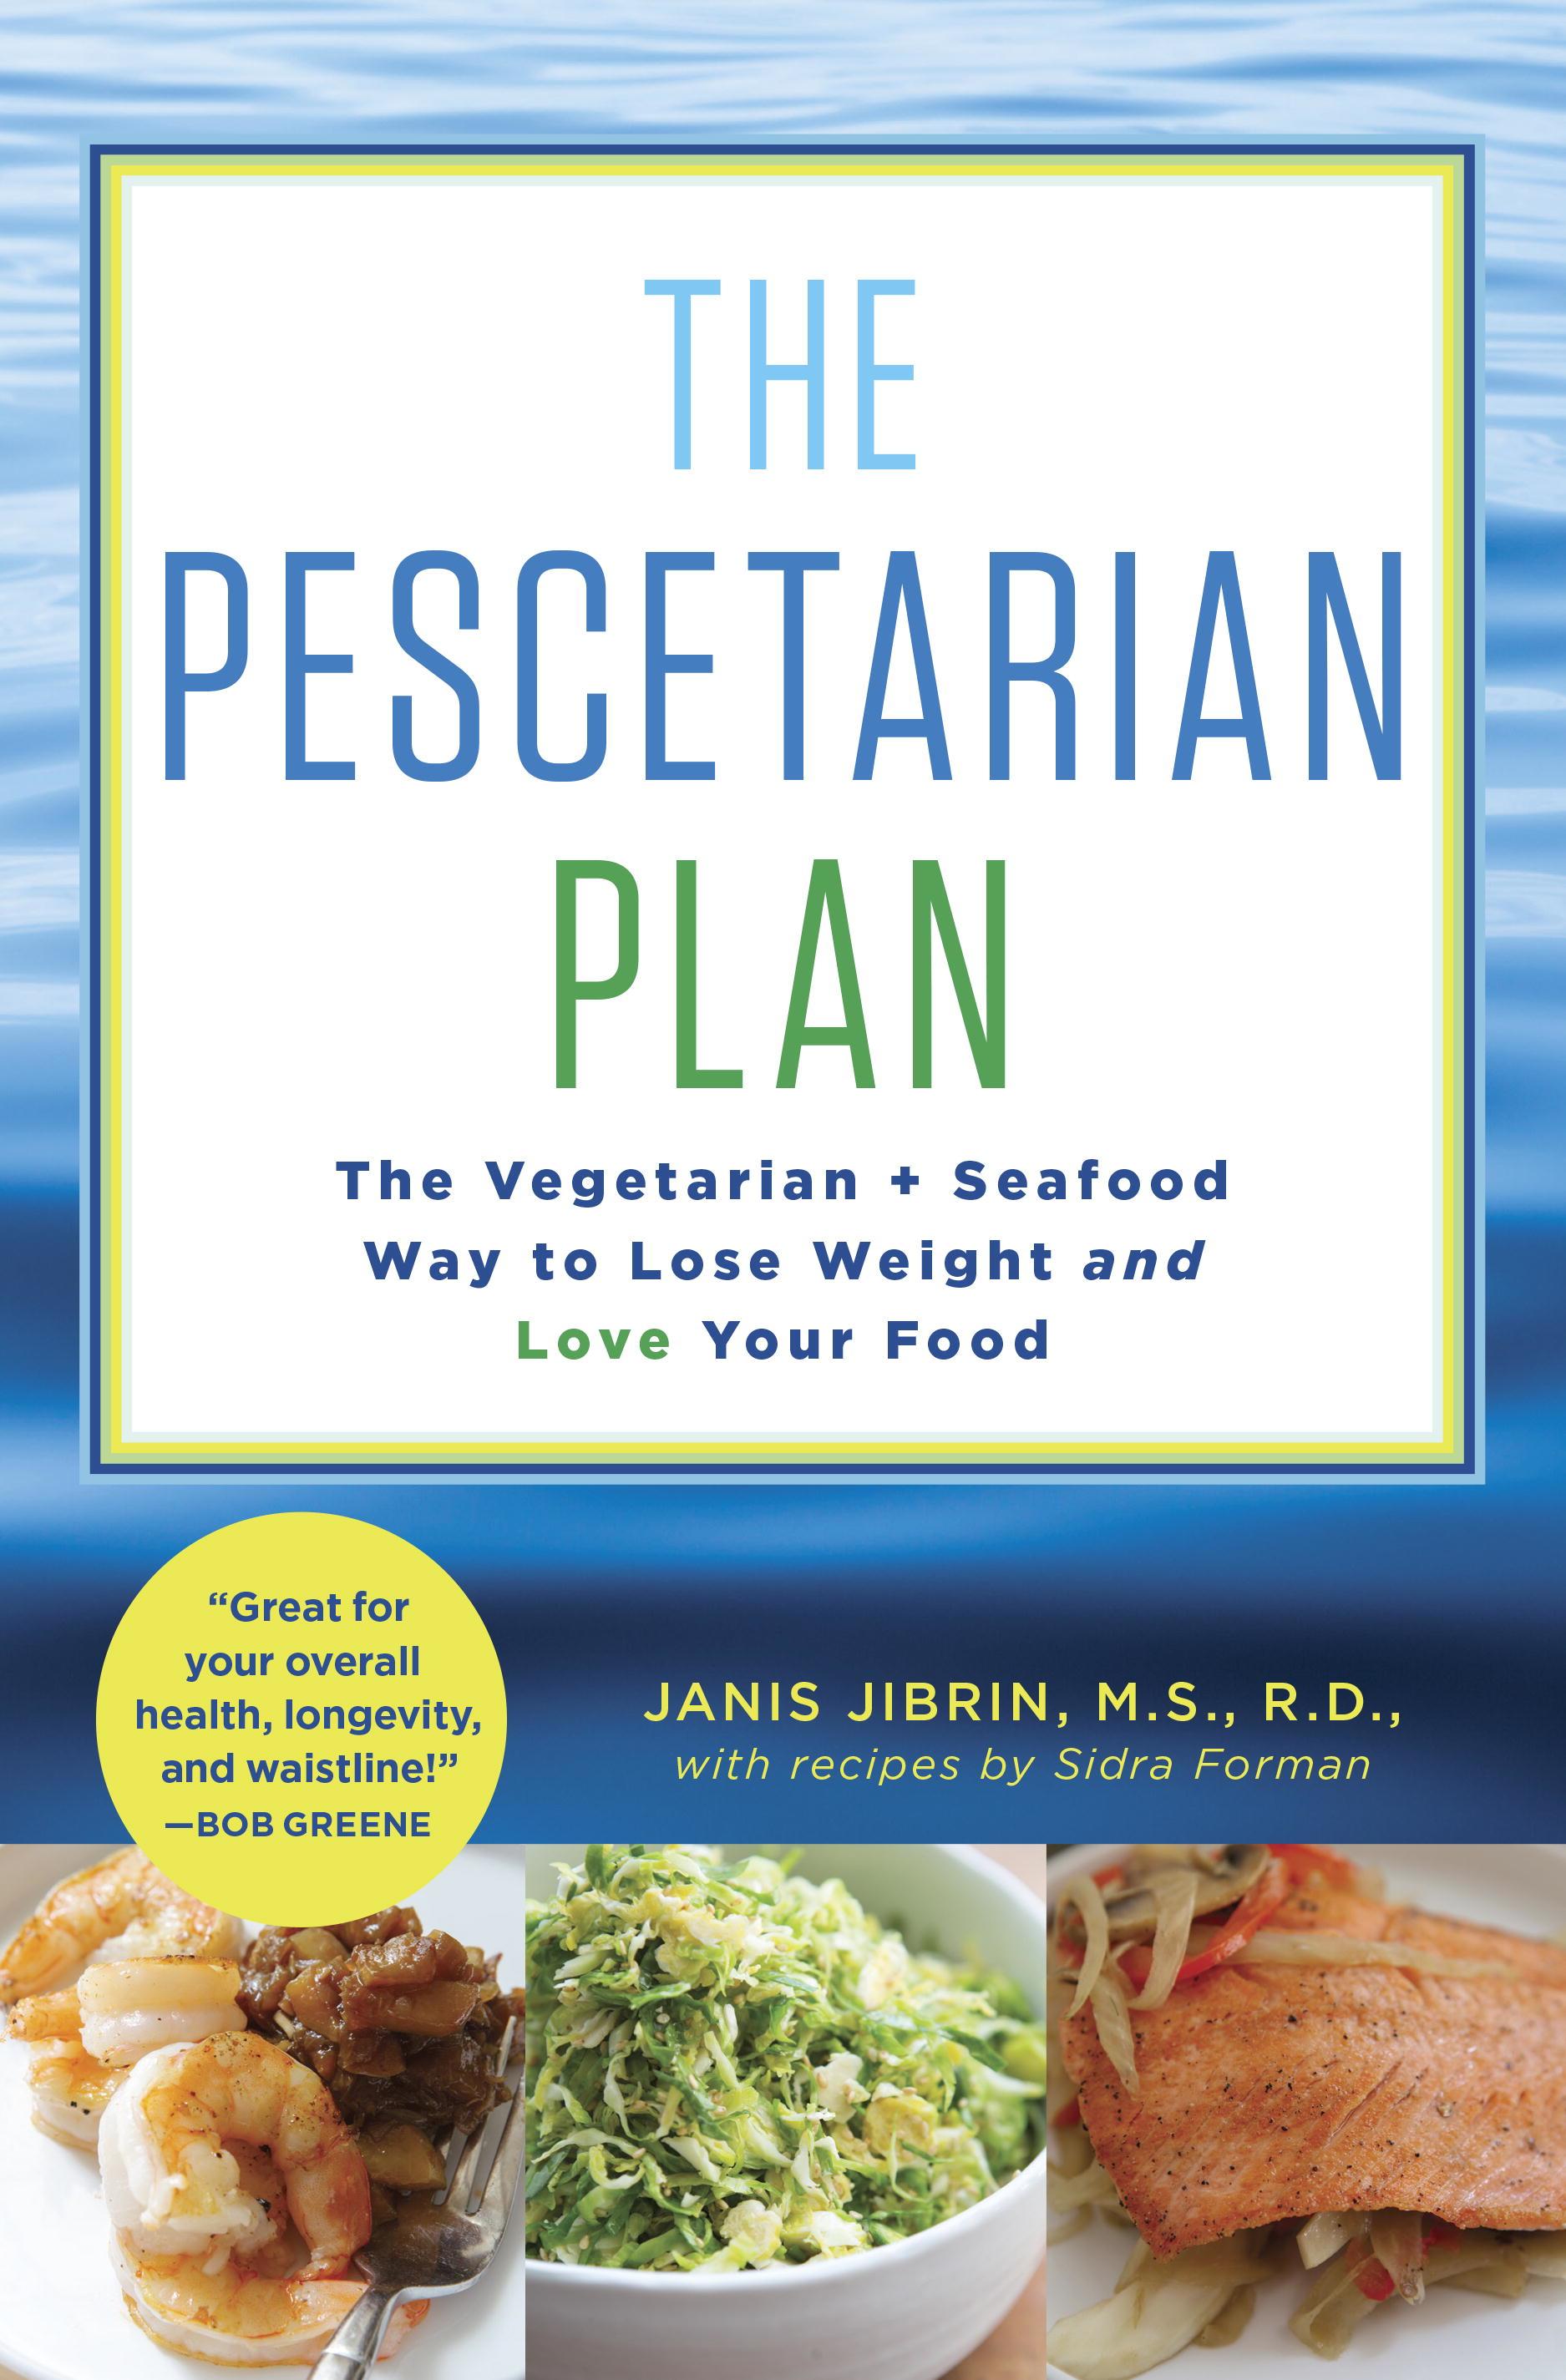 Pescetarian Plan